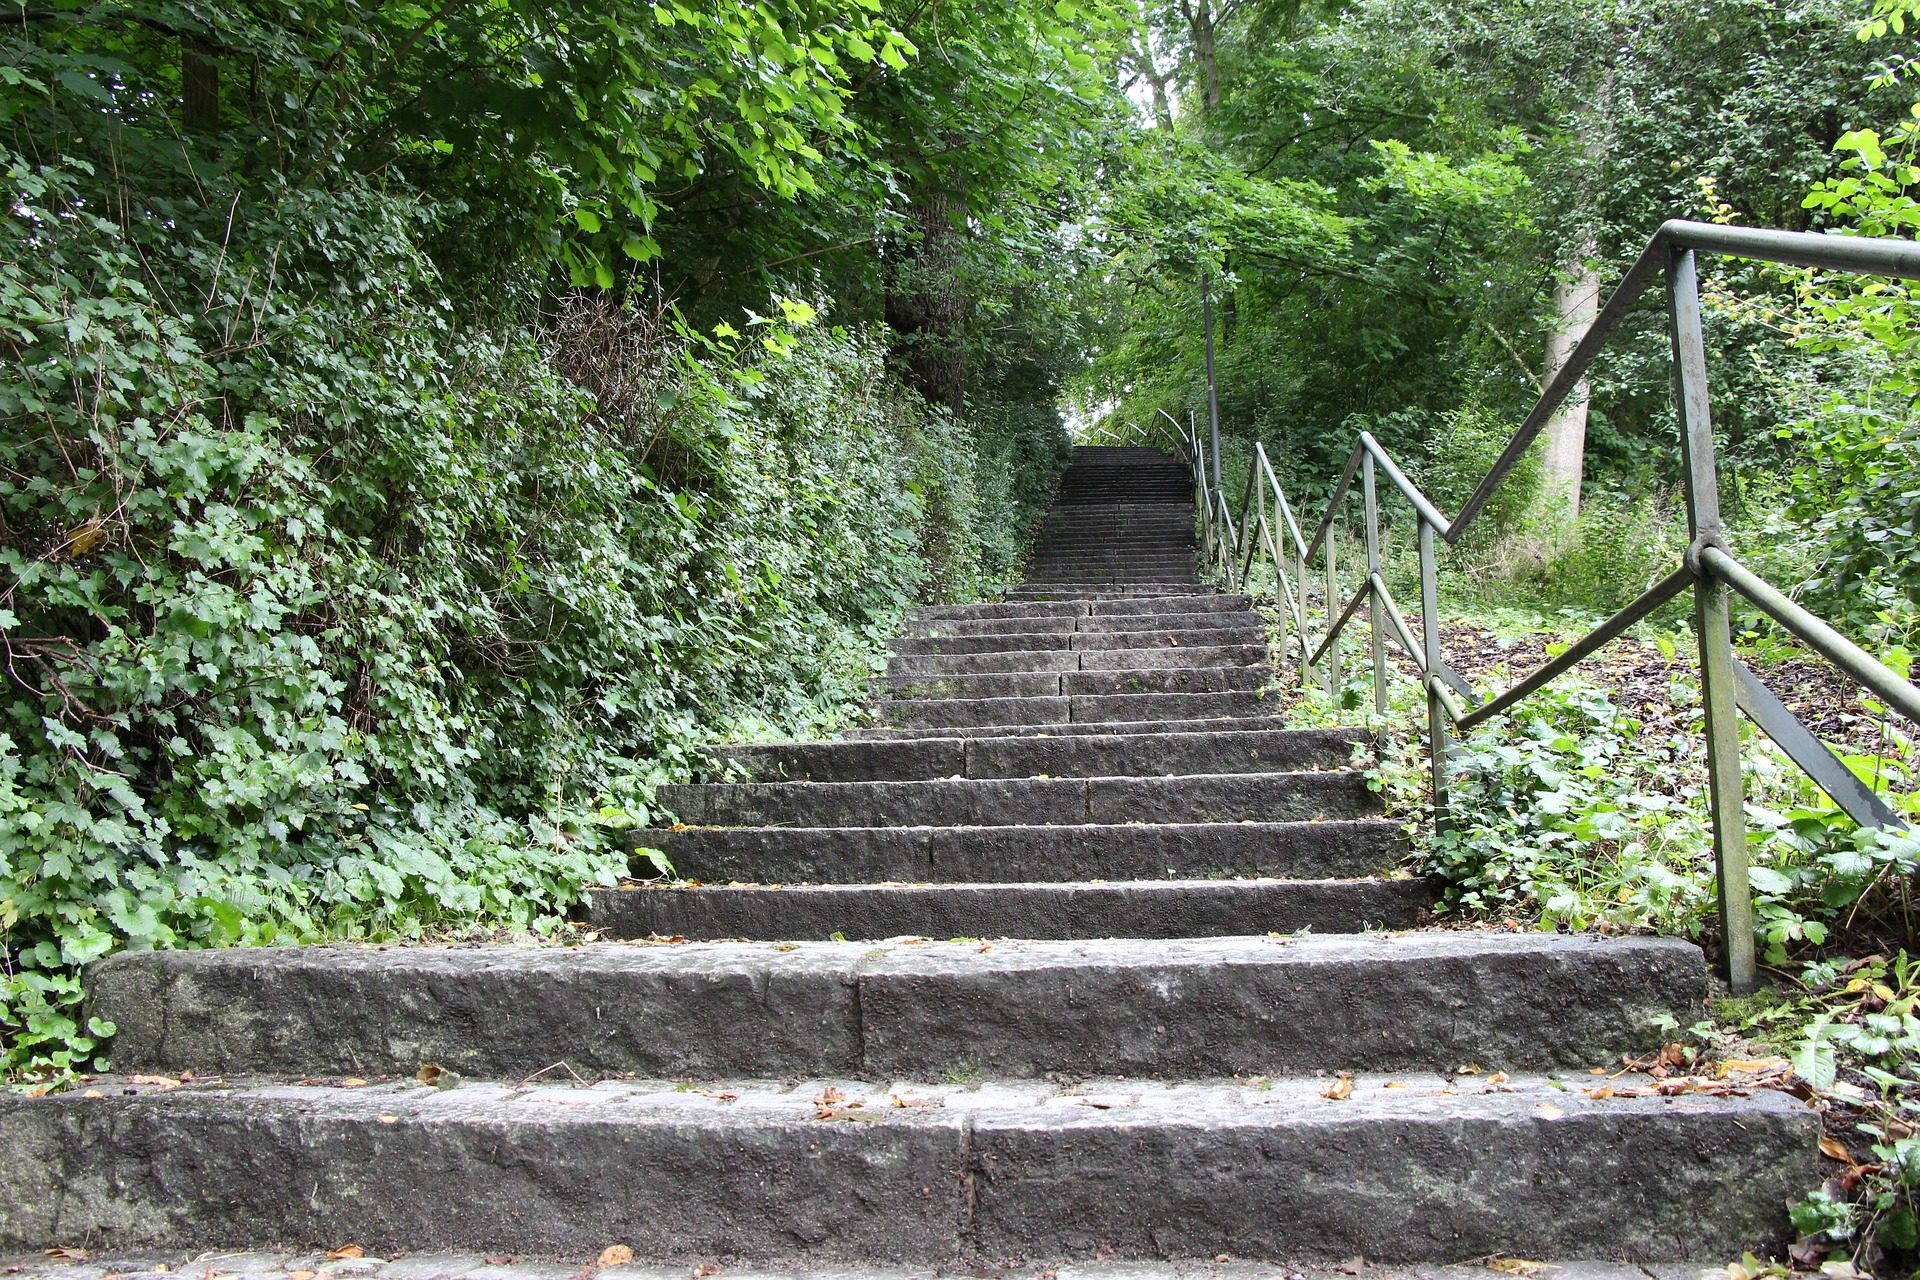 楼梯, 楼梯踏板, varandilla, 通道, 森林, 公园 - 高清壁纸 - 教授-falken.com